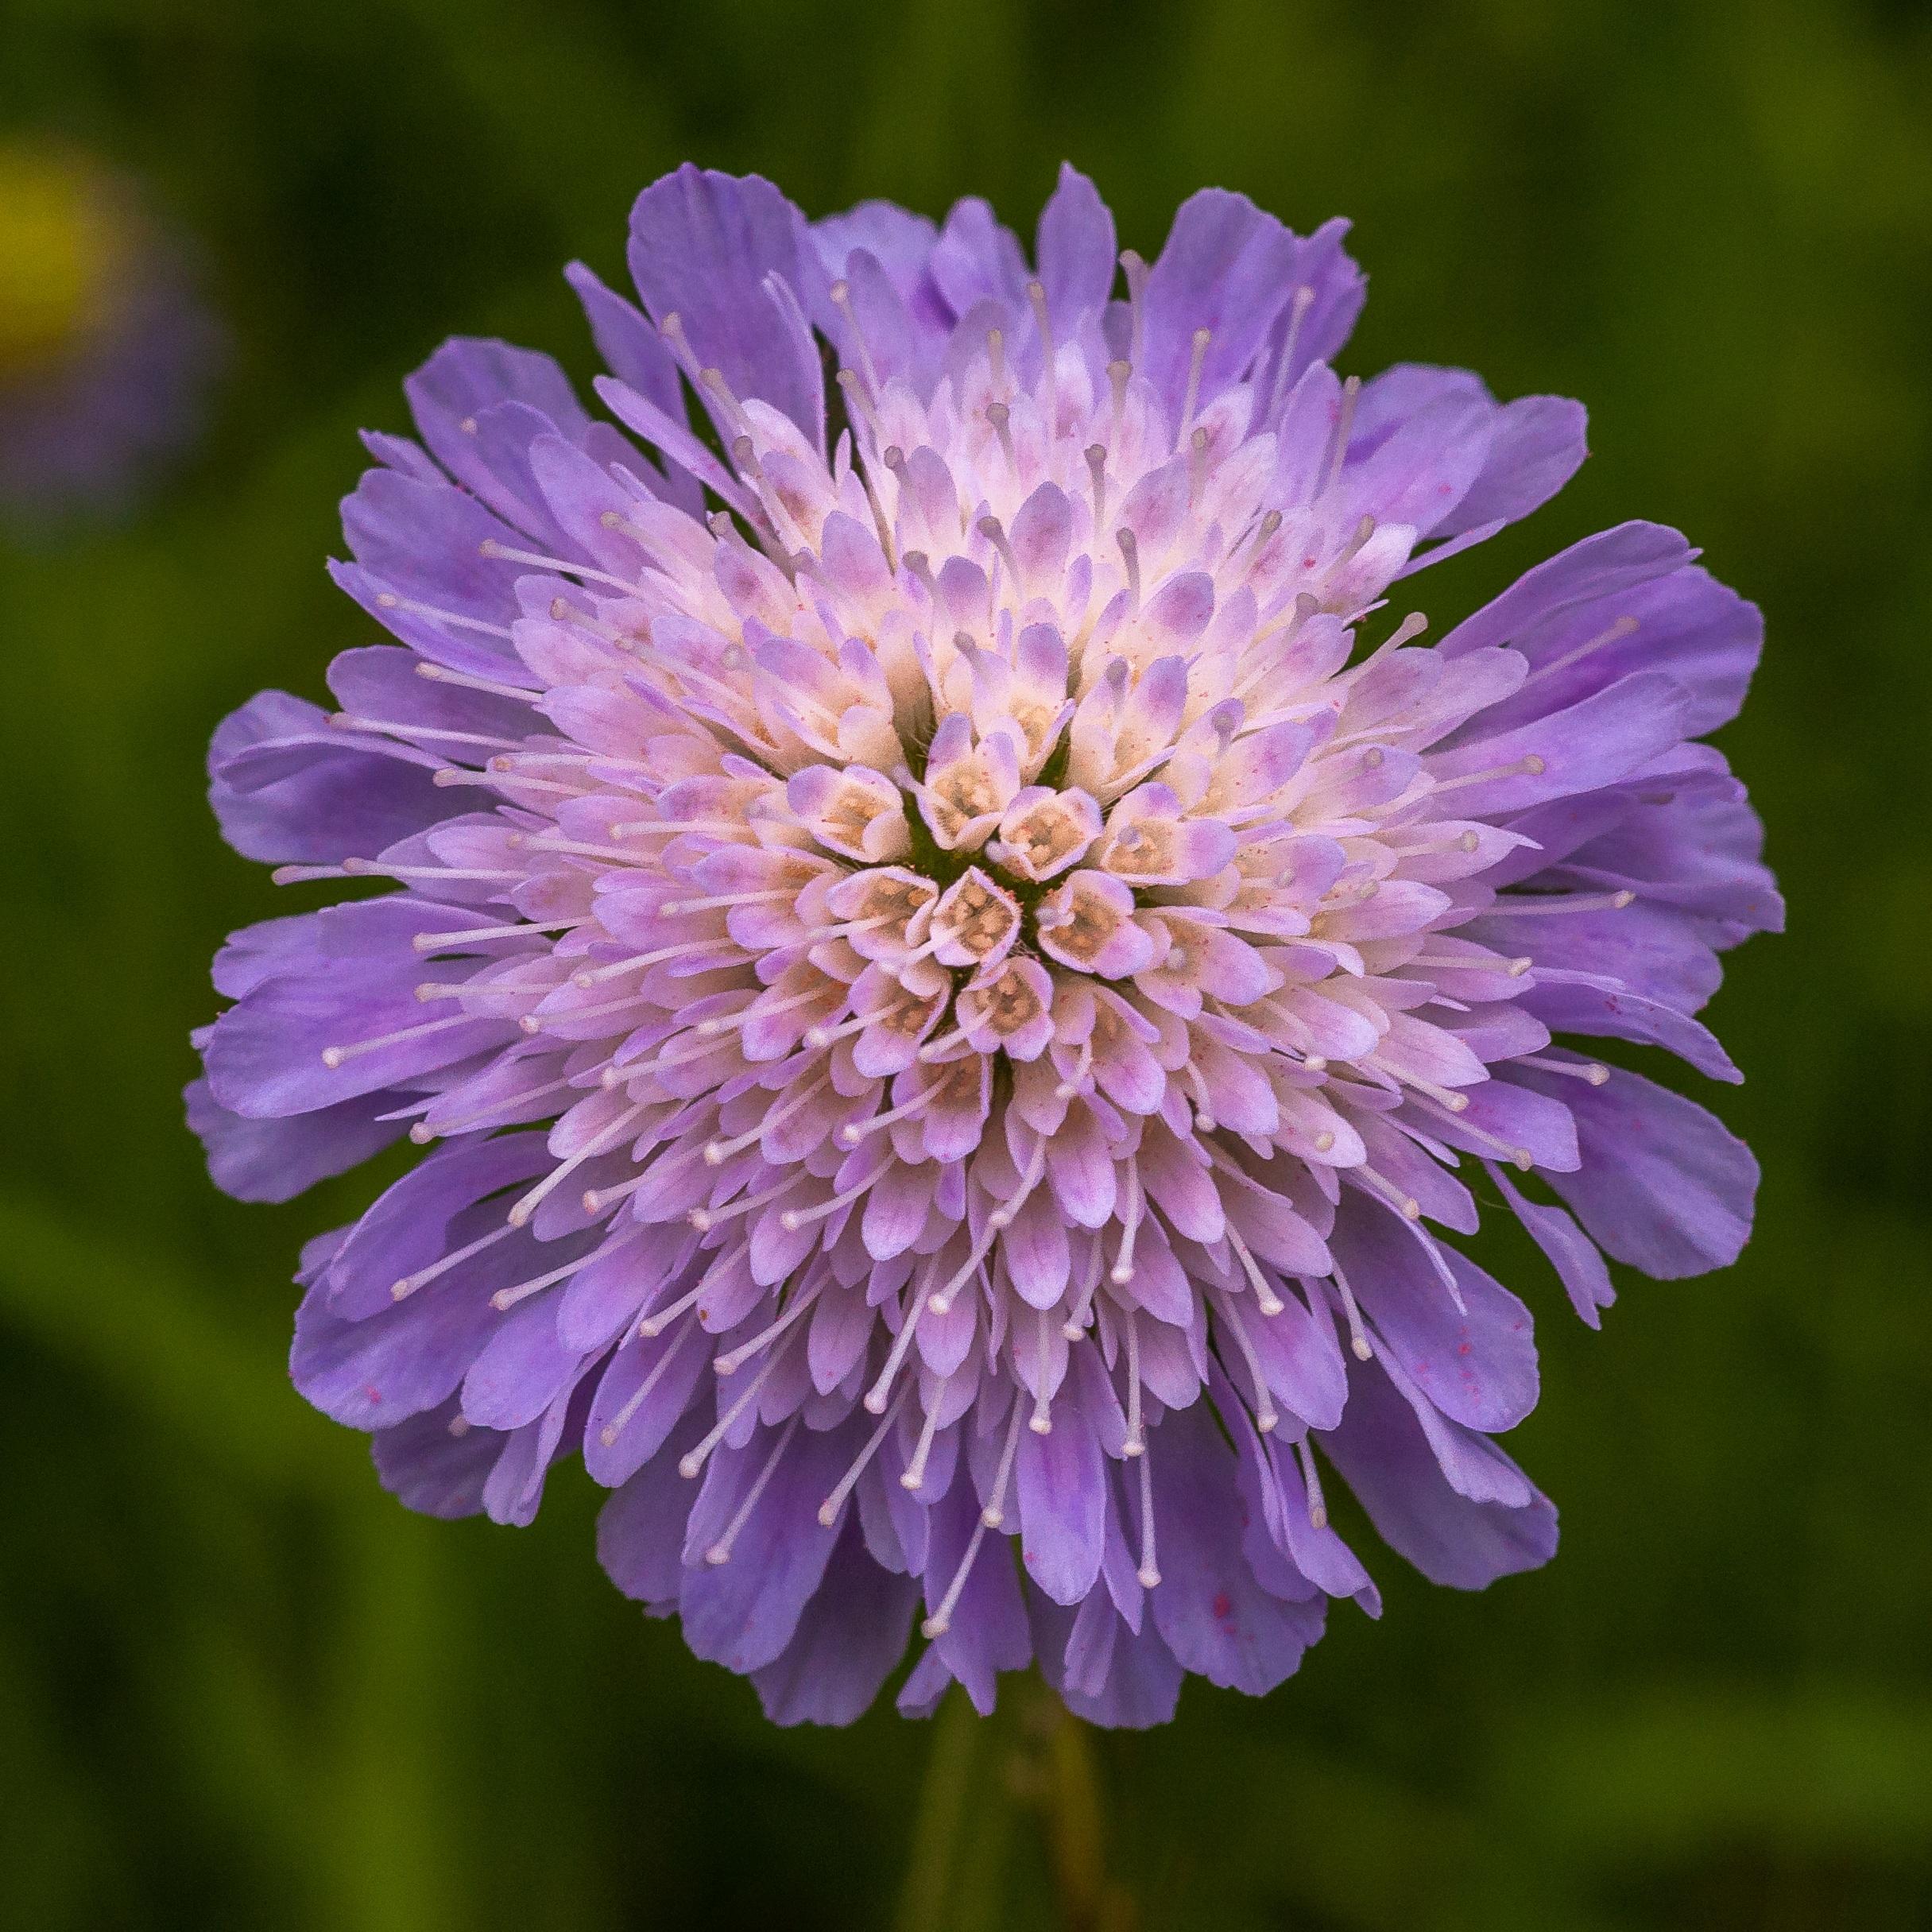 images gratuites : la nature, champ, prairie, violet, pétale